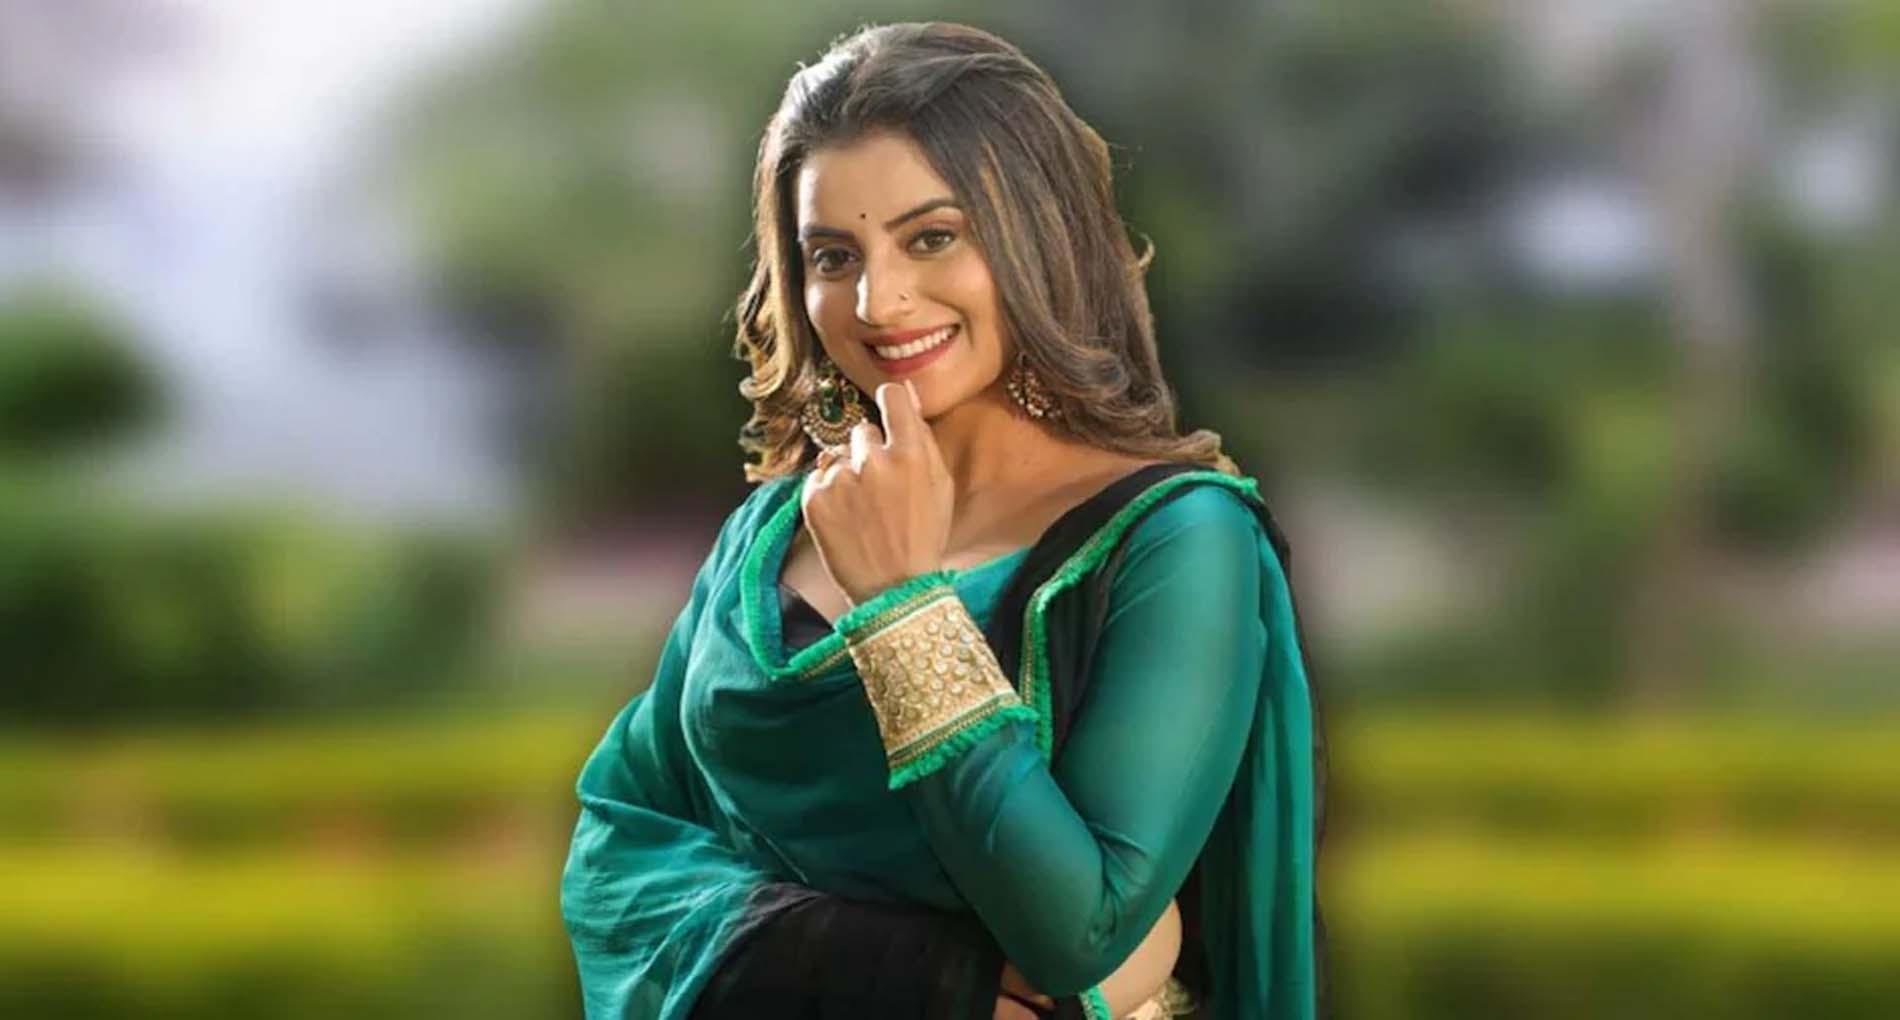 भोजपुरी एक्ट्रेस अक्षरा सिंह का नया गाना 'मेरी वफा' रिलीज के साथ ही वायरल!